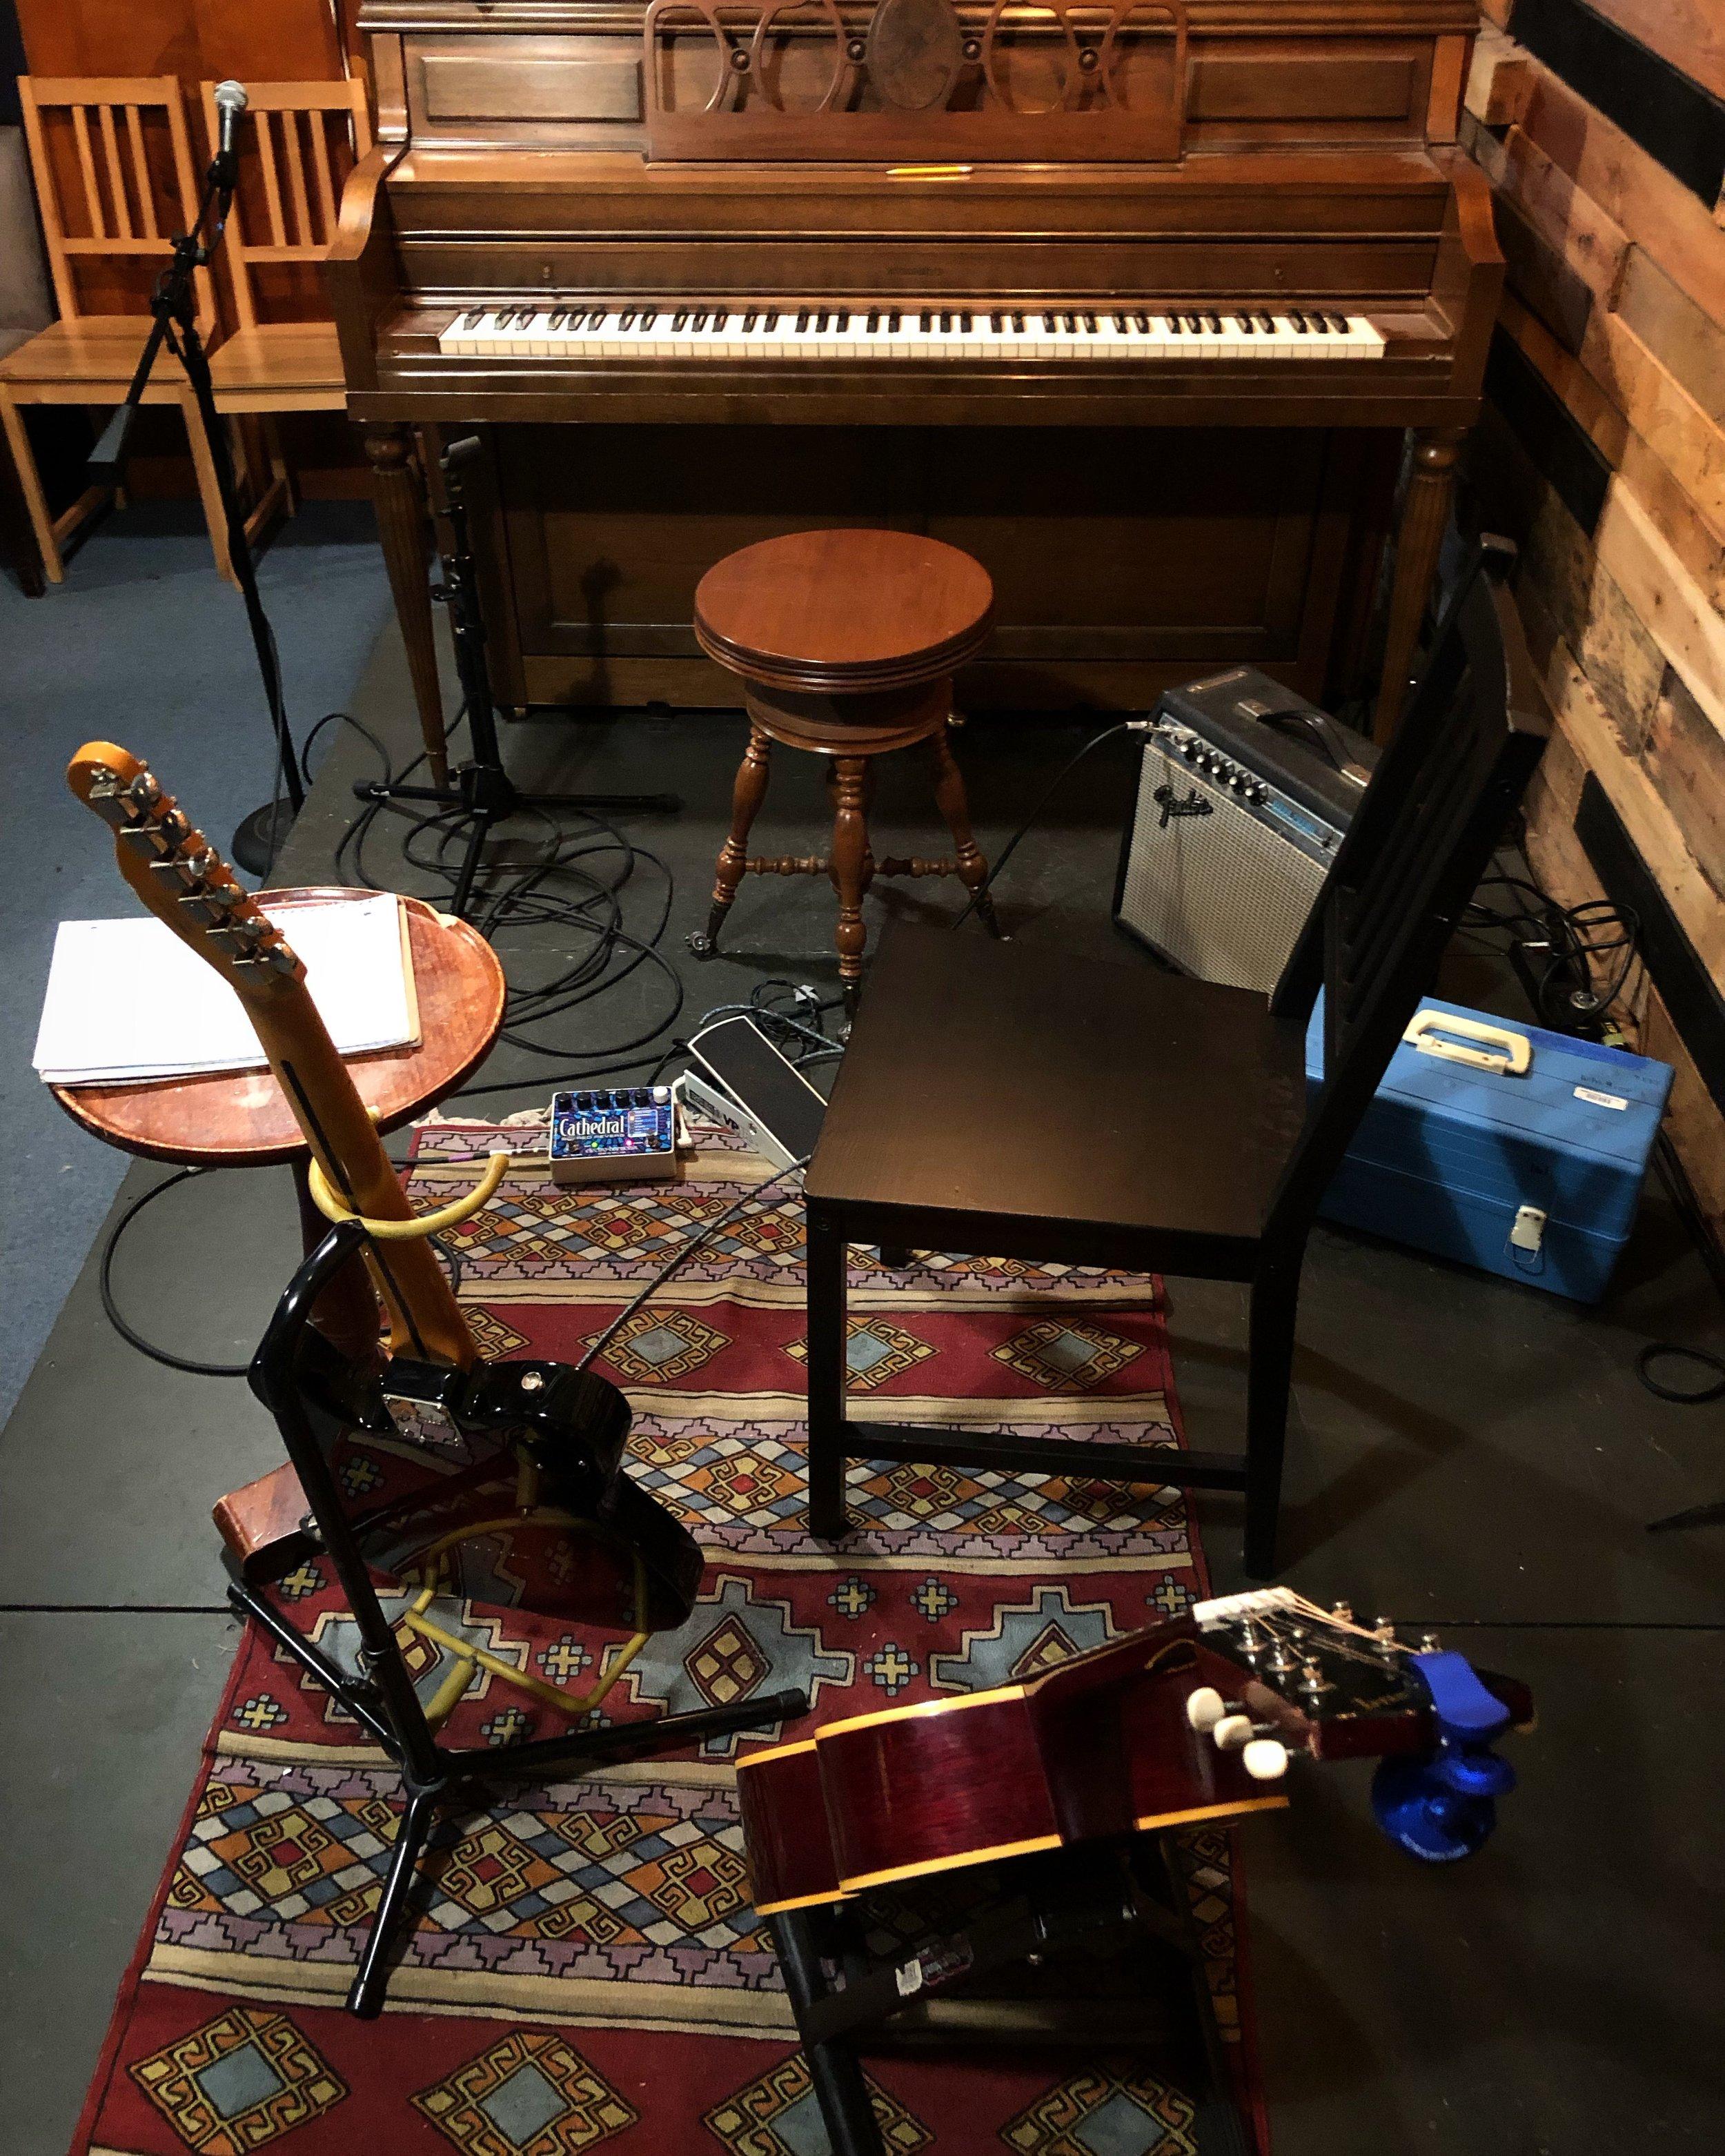 Brianna's instruments